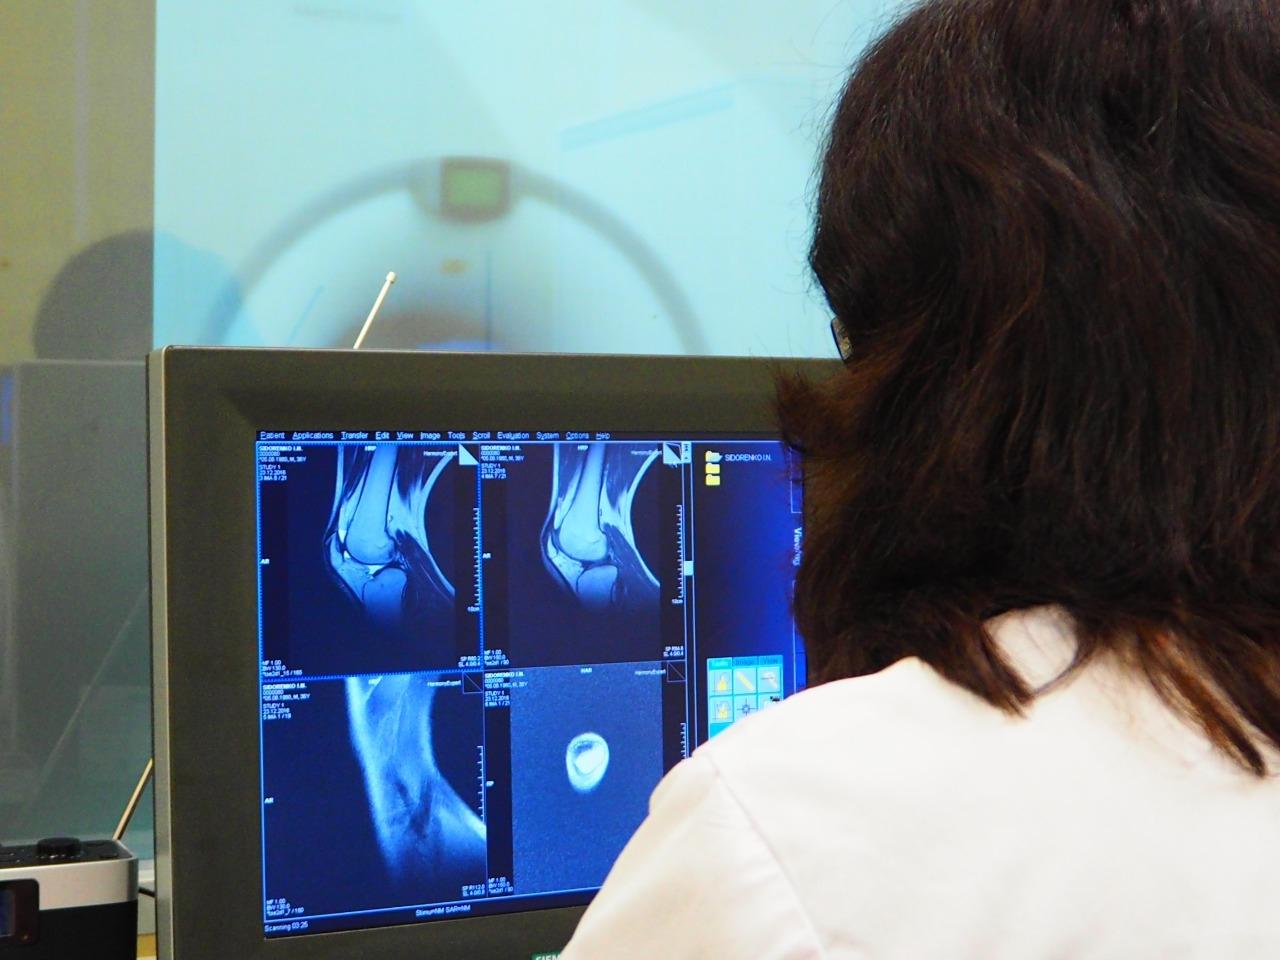 МРТ в Балашихе - 8 адресов, цена от 3100 руб, отзывы